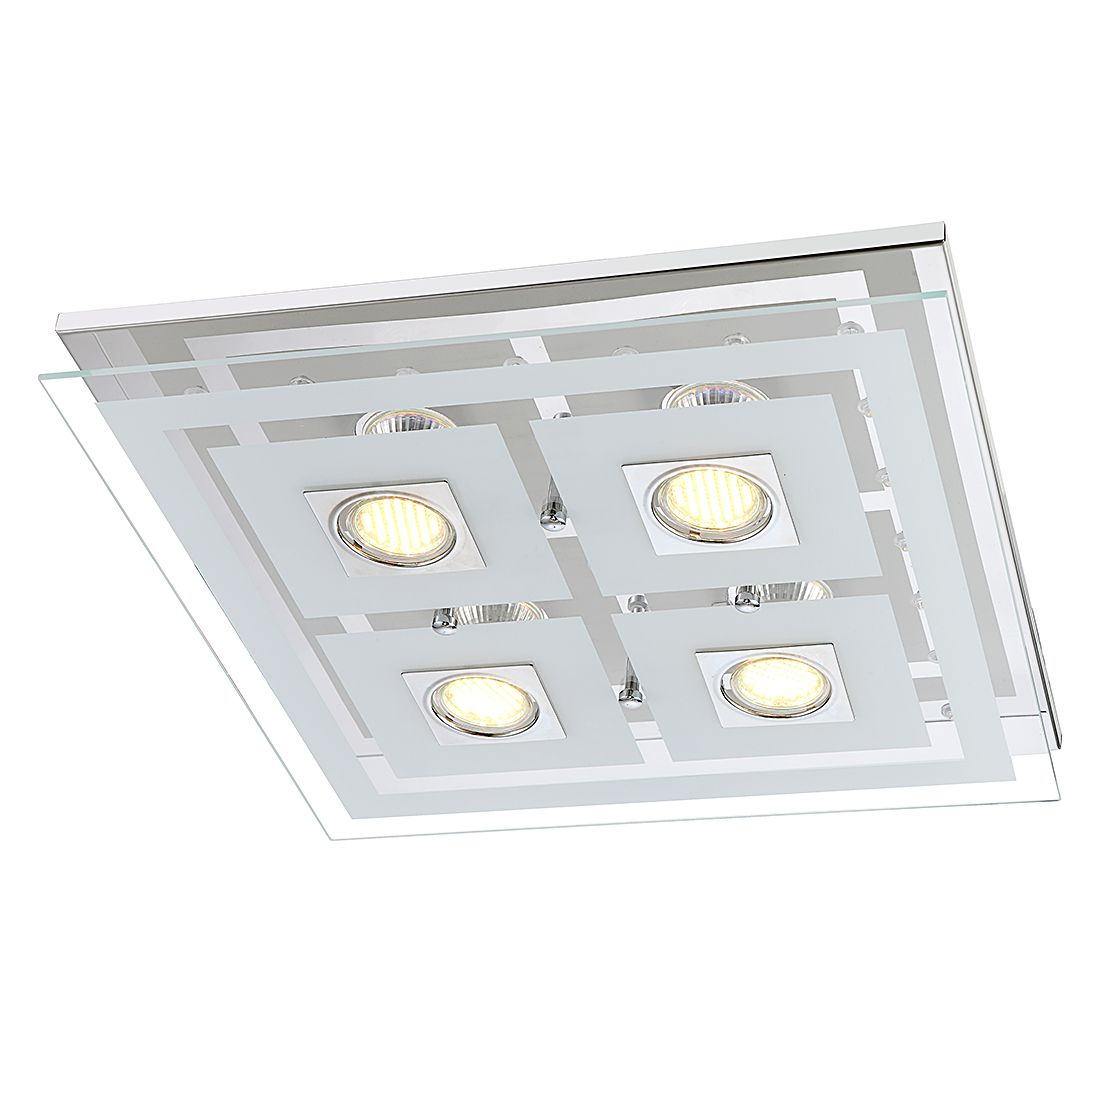 Plafondlamp Zoe metaal-glas 4 lichtbronnen, Action